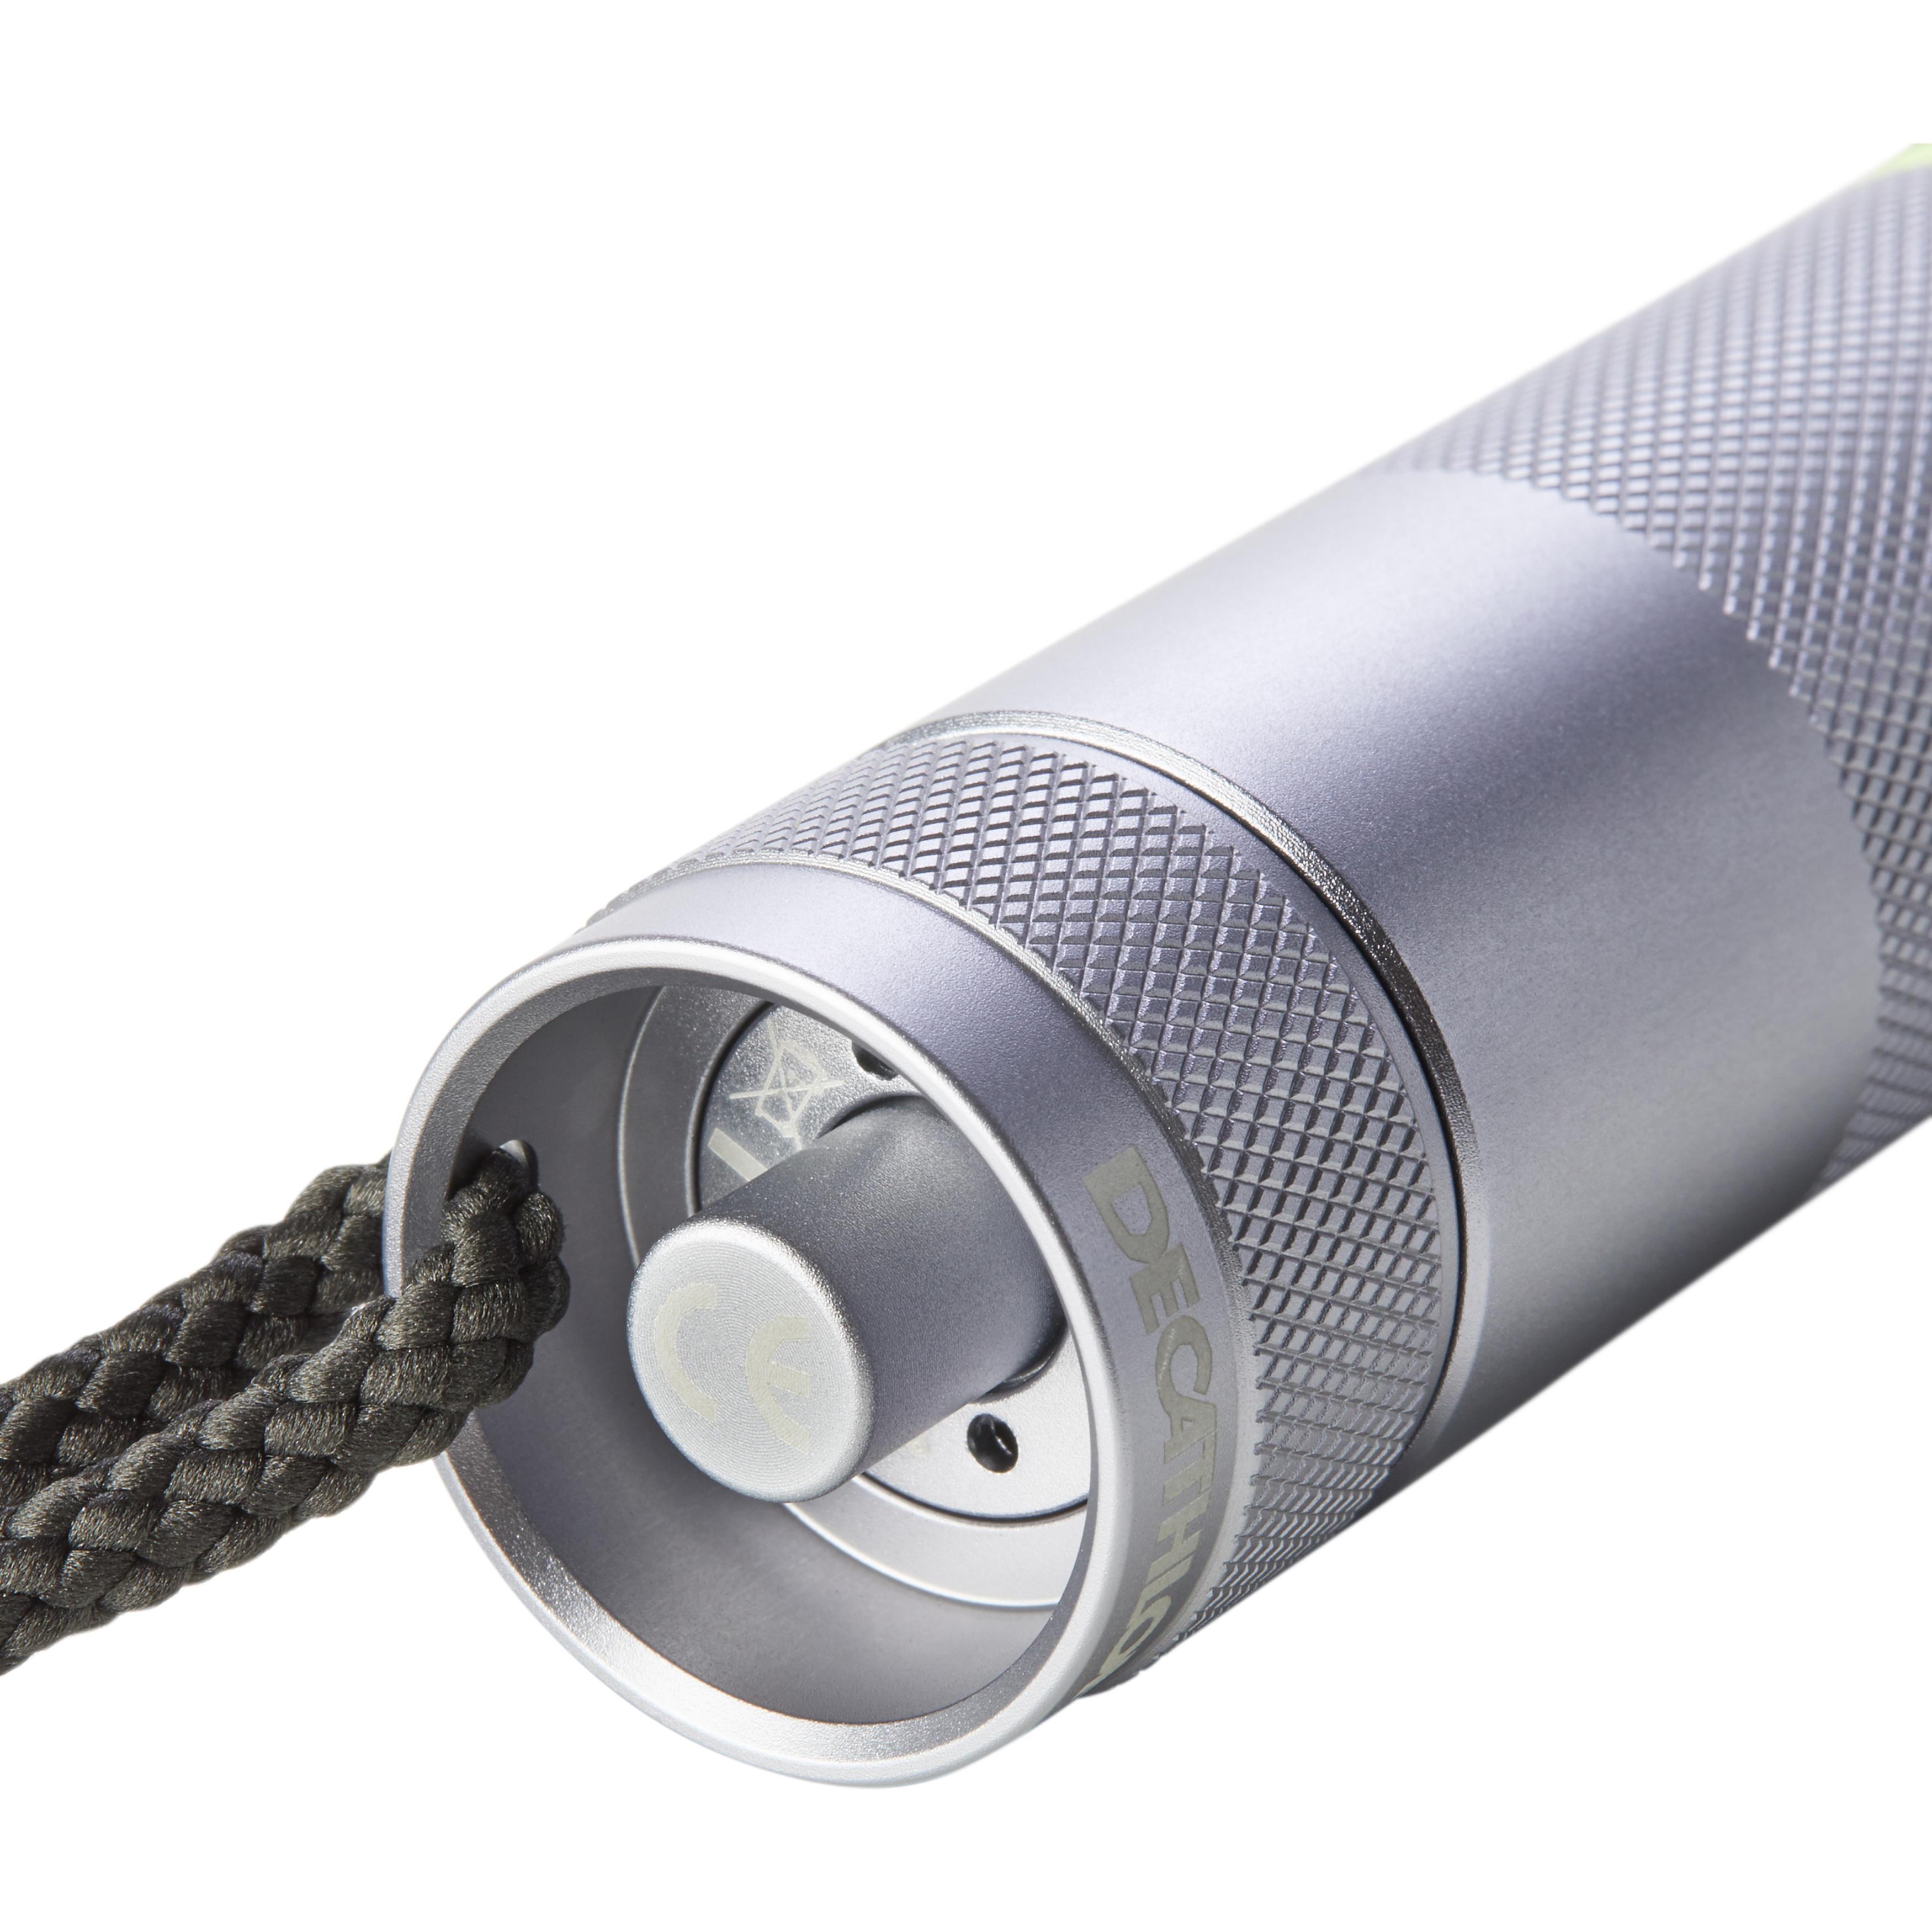 100 Spot LuxÉtanche Lampe Scd Torche Plongée Lumen3000 De 100m 2ED9WHI